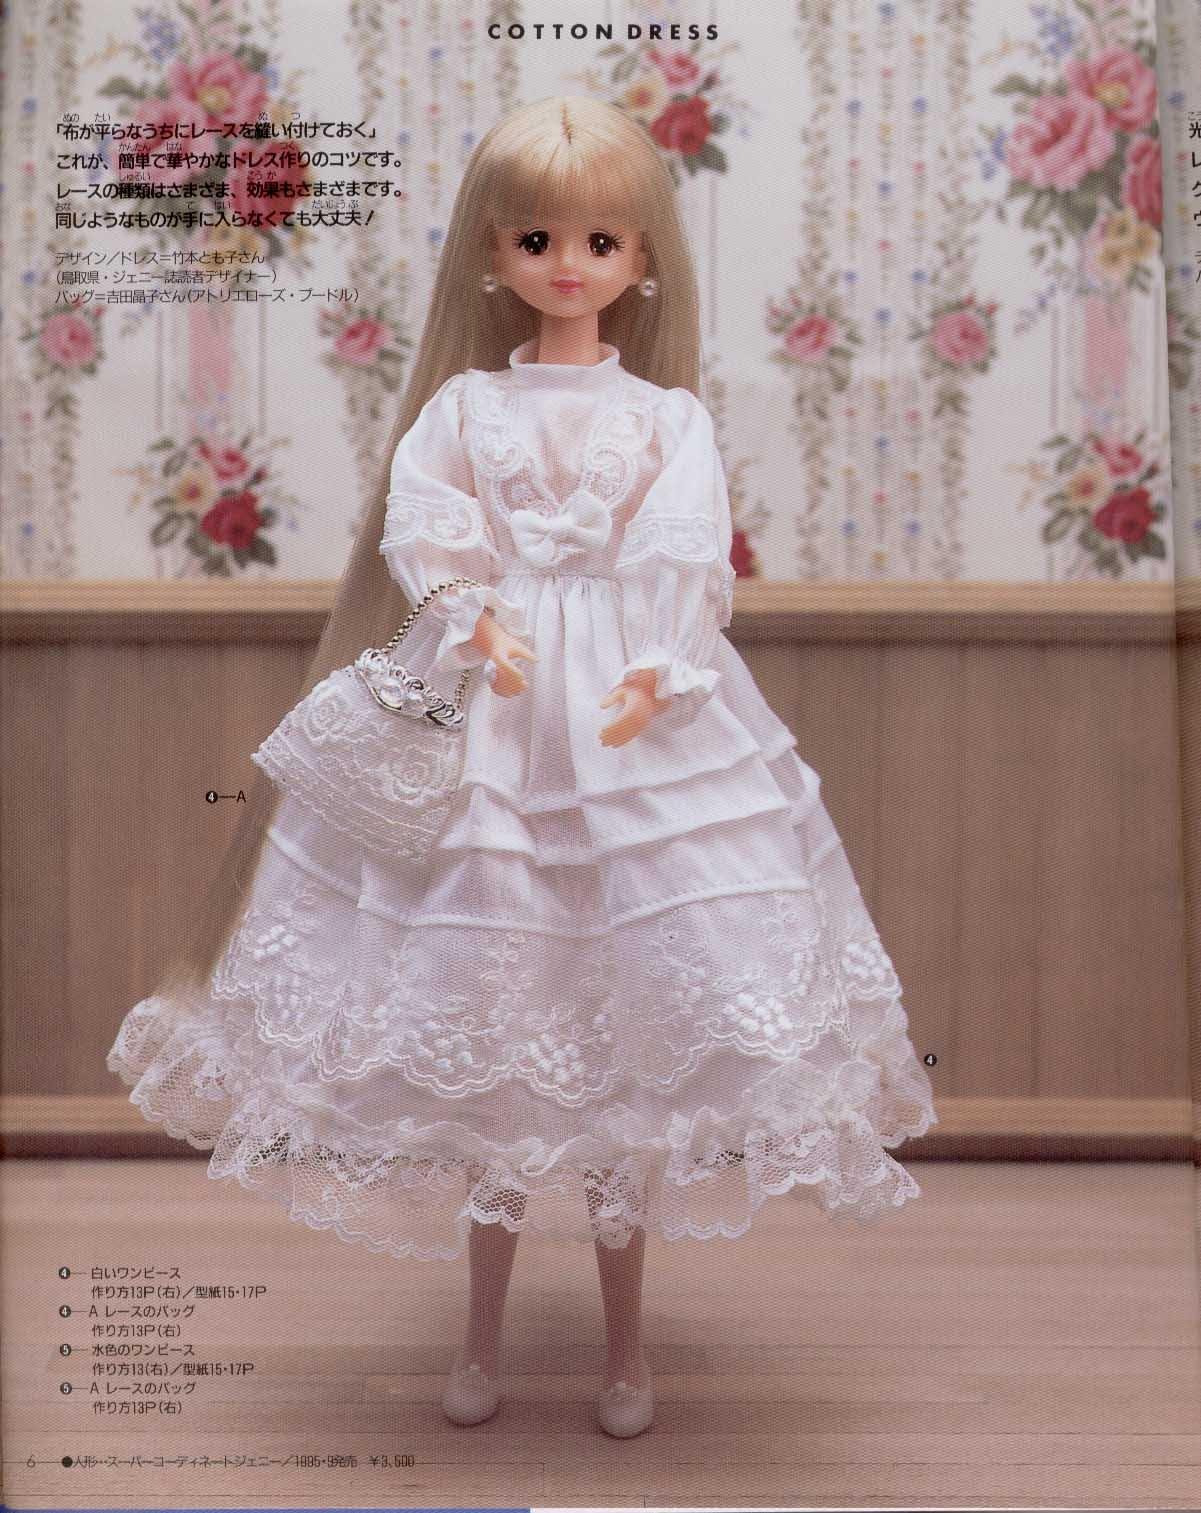 礼服裙—芭比服装制作》【日本diy书籍】:; [资料] 《芭比娃娃华丽服